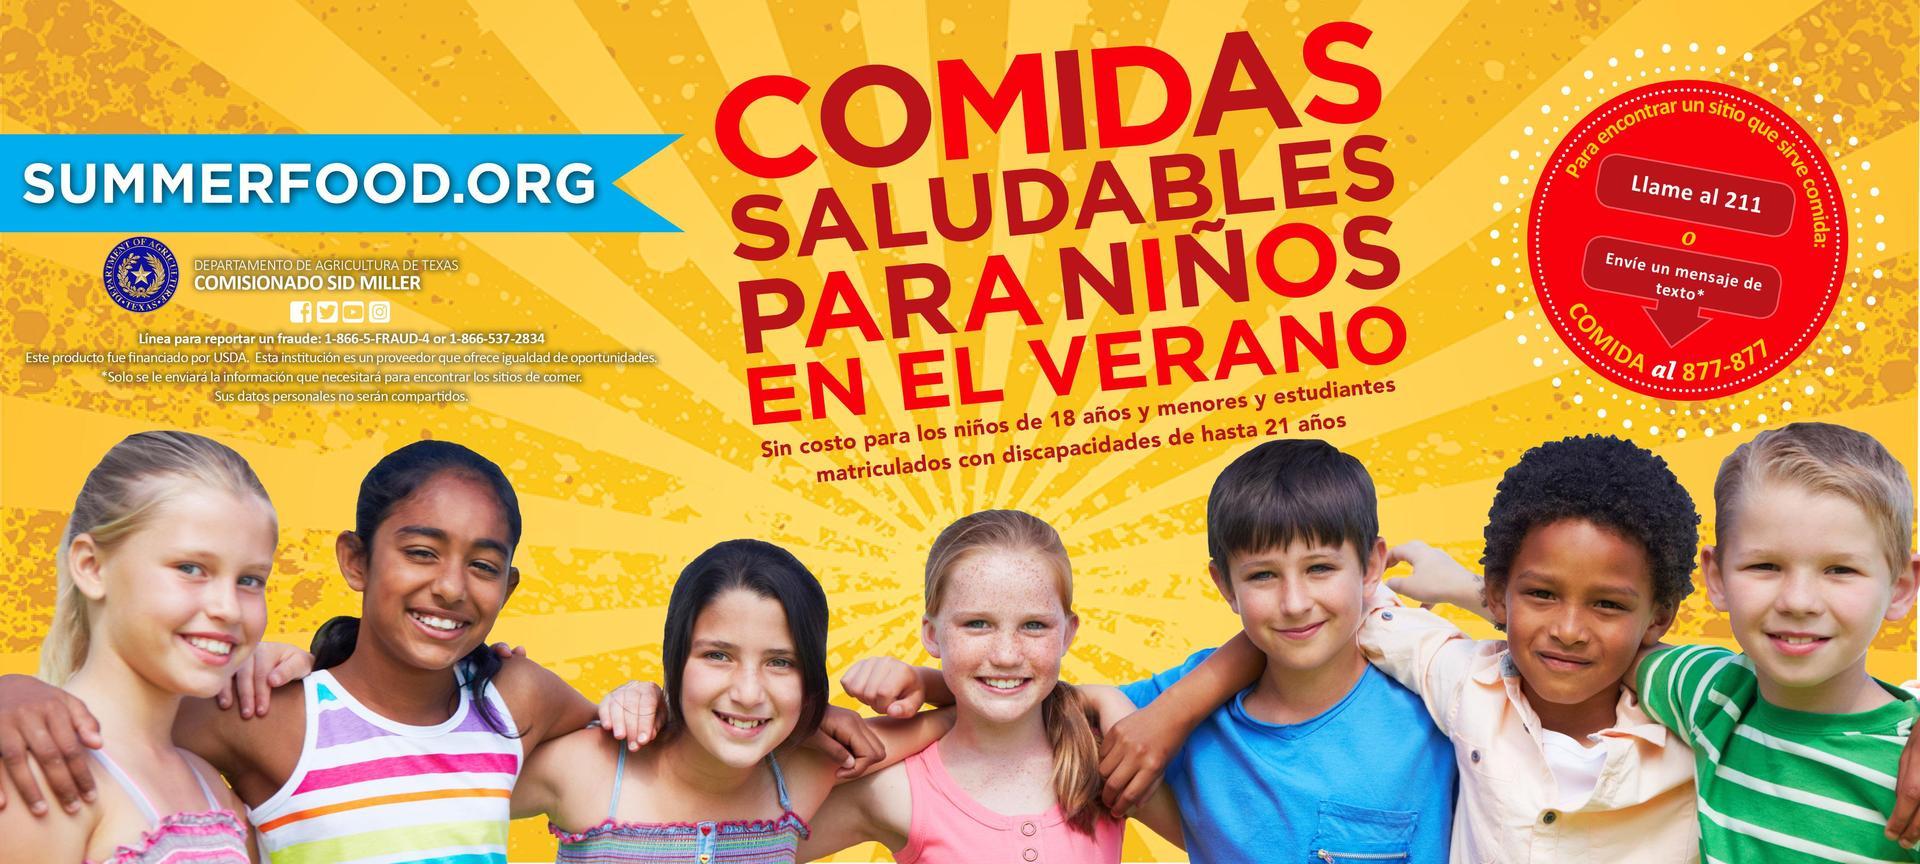 comidas de verano saludables para niños